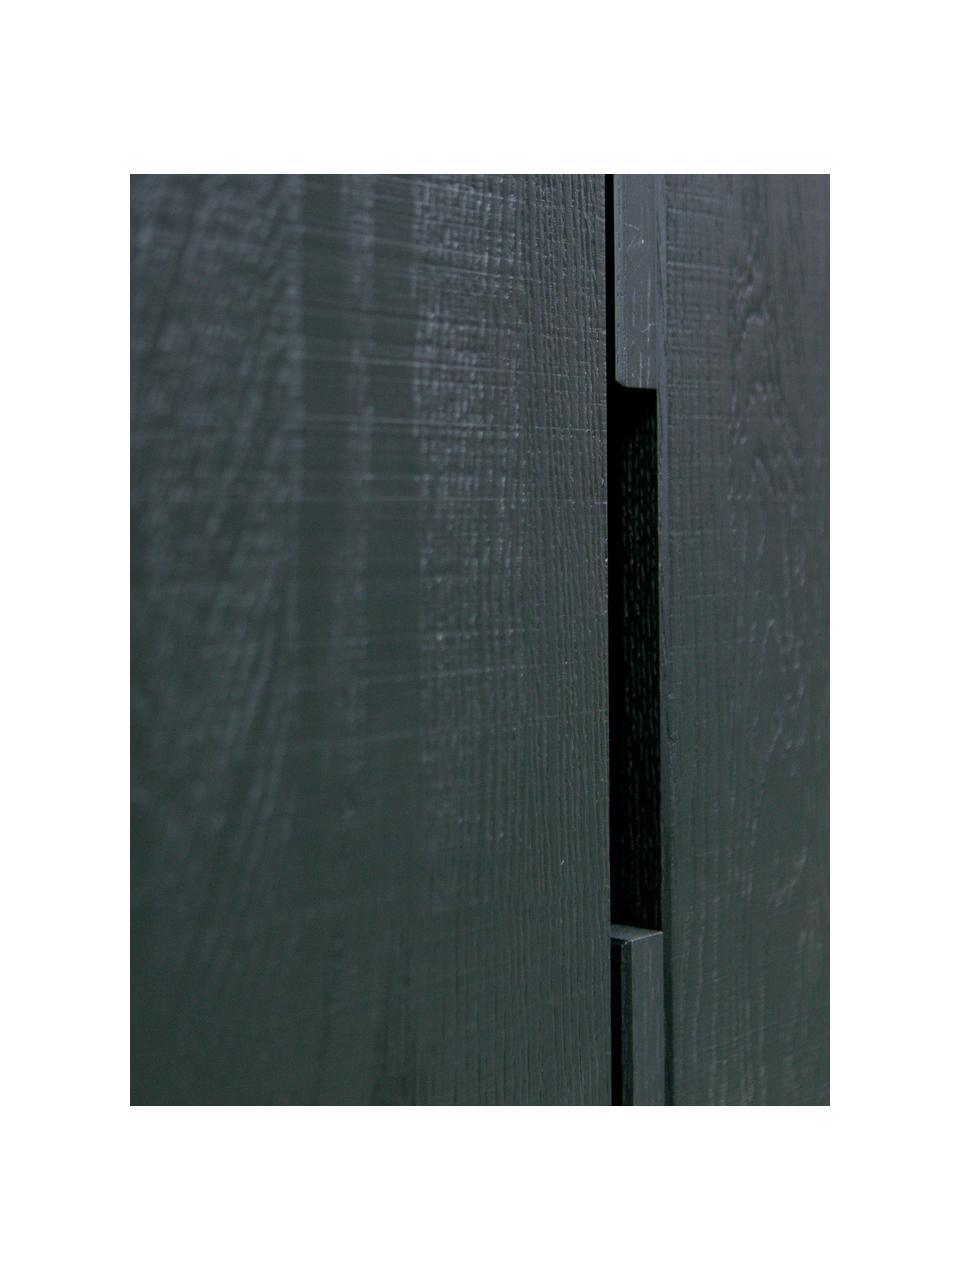 Credenza alta in legno Silas, Piedini: metallo verniciato, Nero, Larg. 85 x Alt. 149 cm